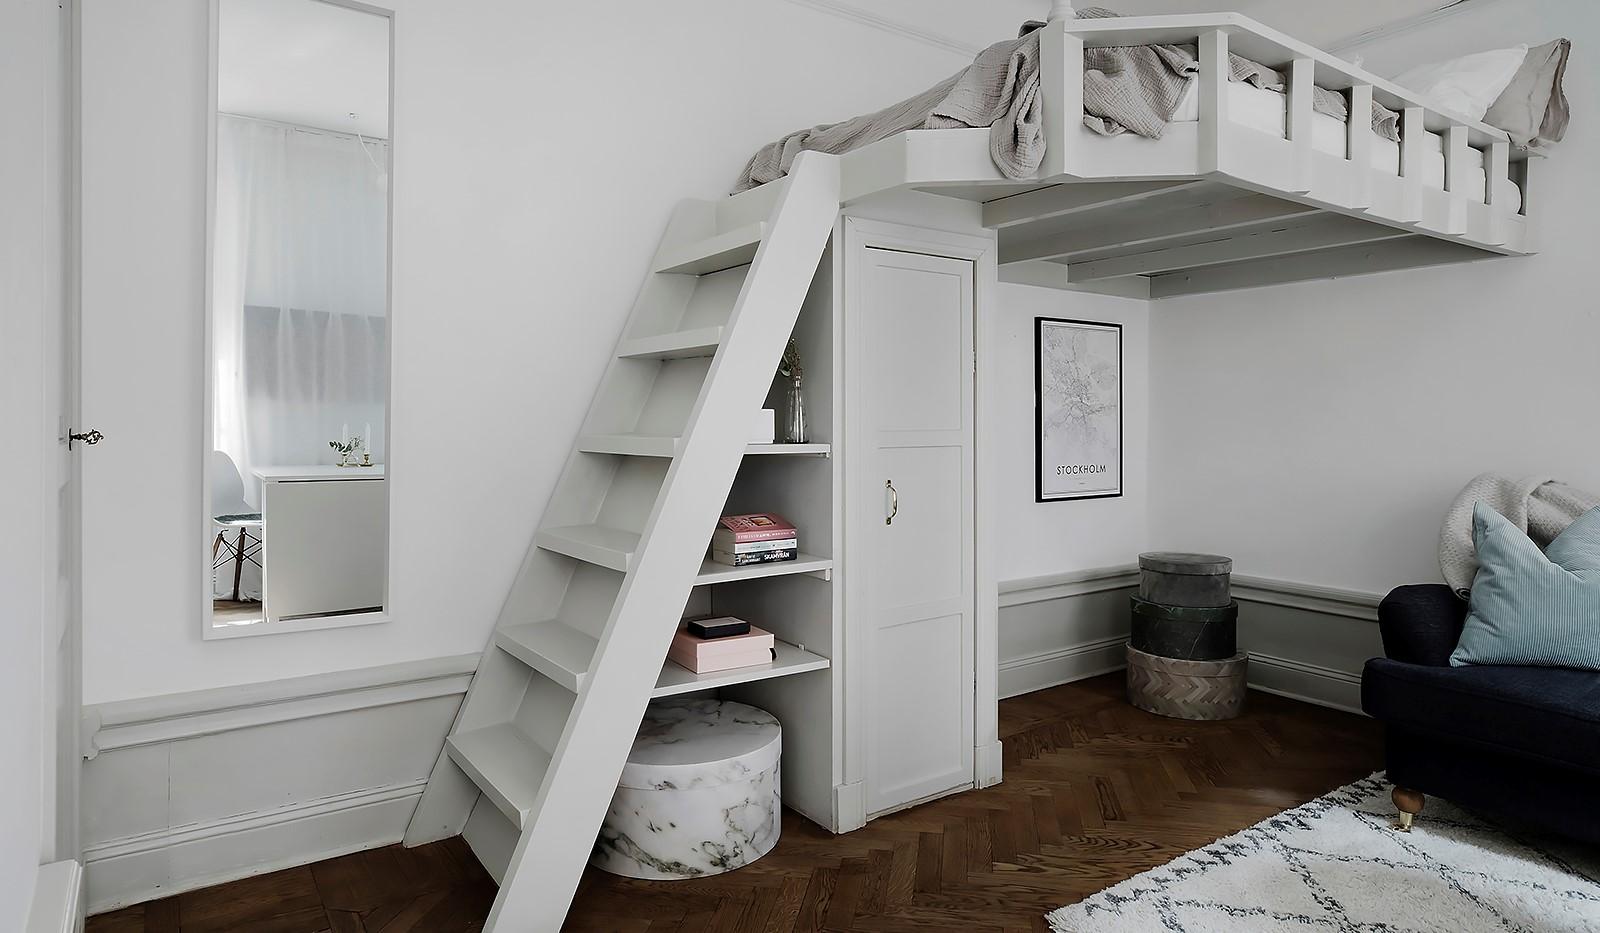 Maria Prästgårdsgata 4 - Vacker platsbyggd loftsäng